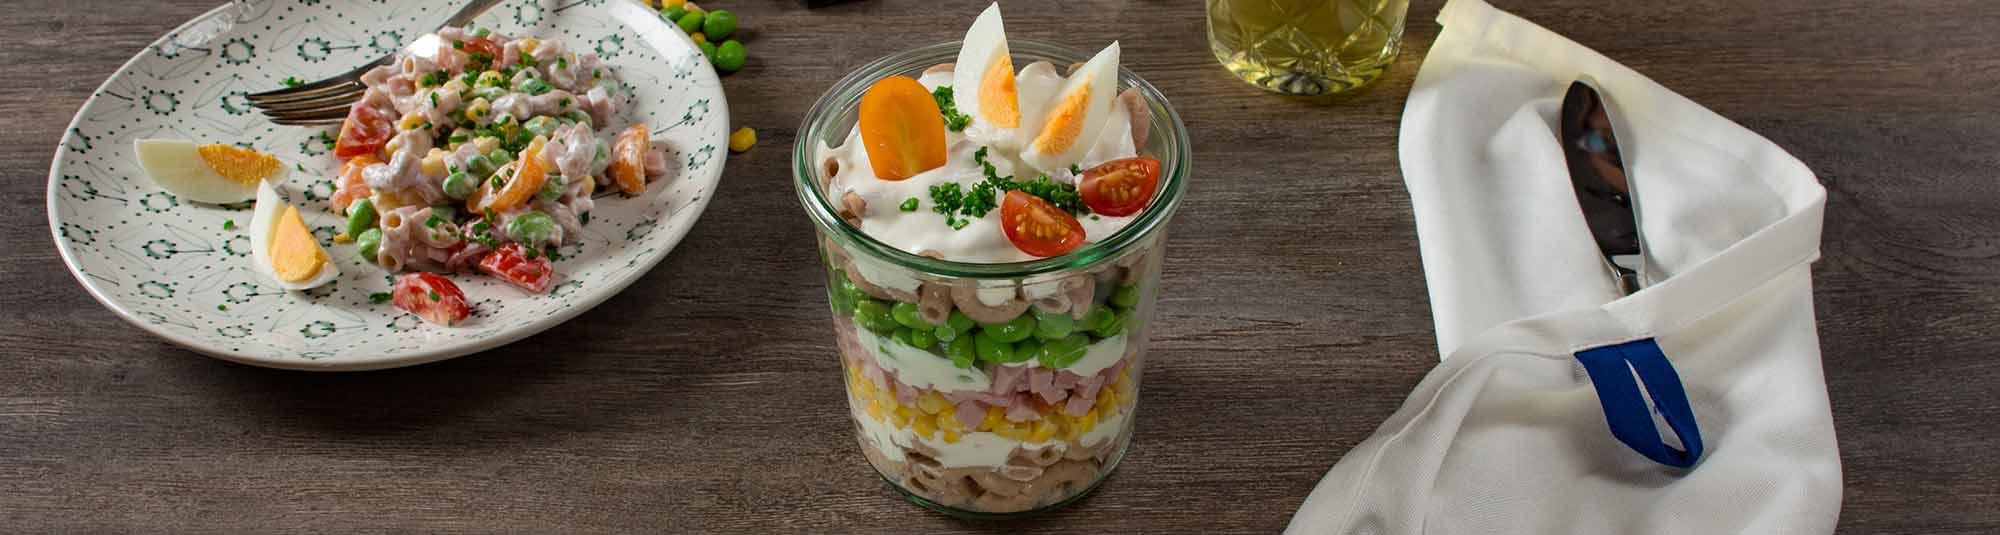 Iglo Schichtsalat mit knackigen Sojabohnen und Mais